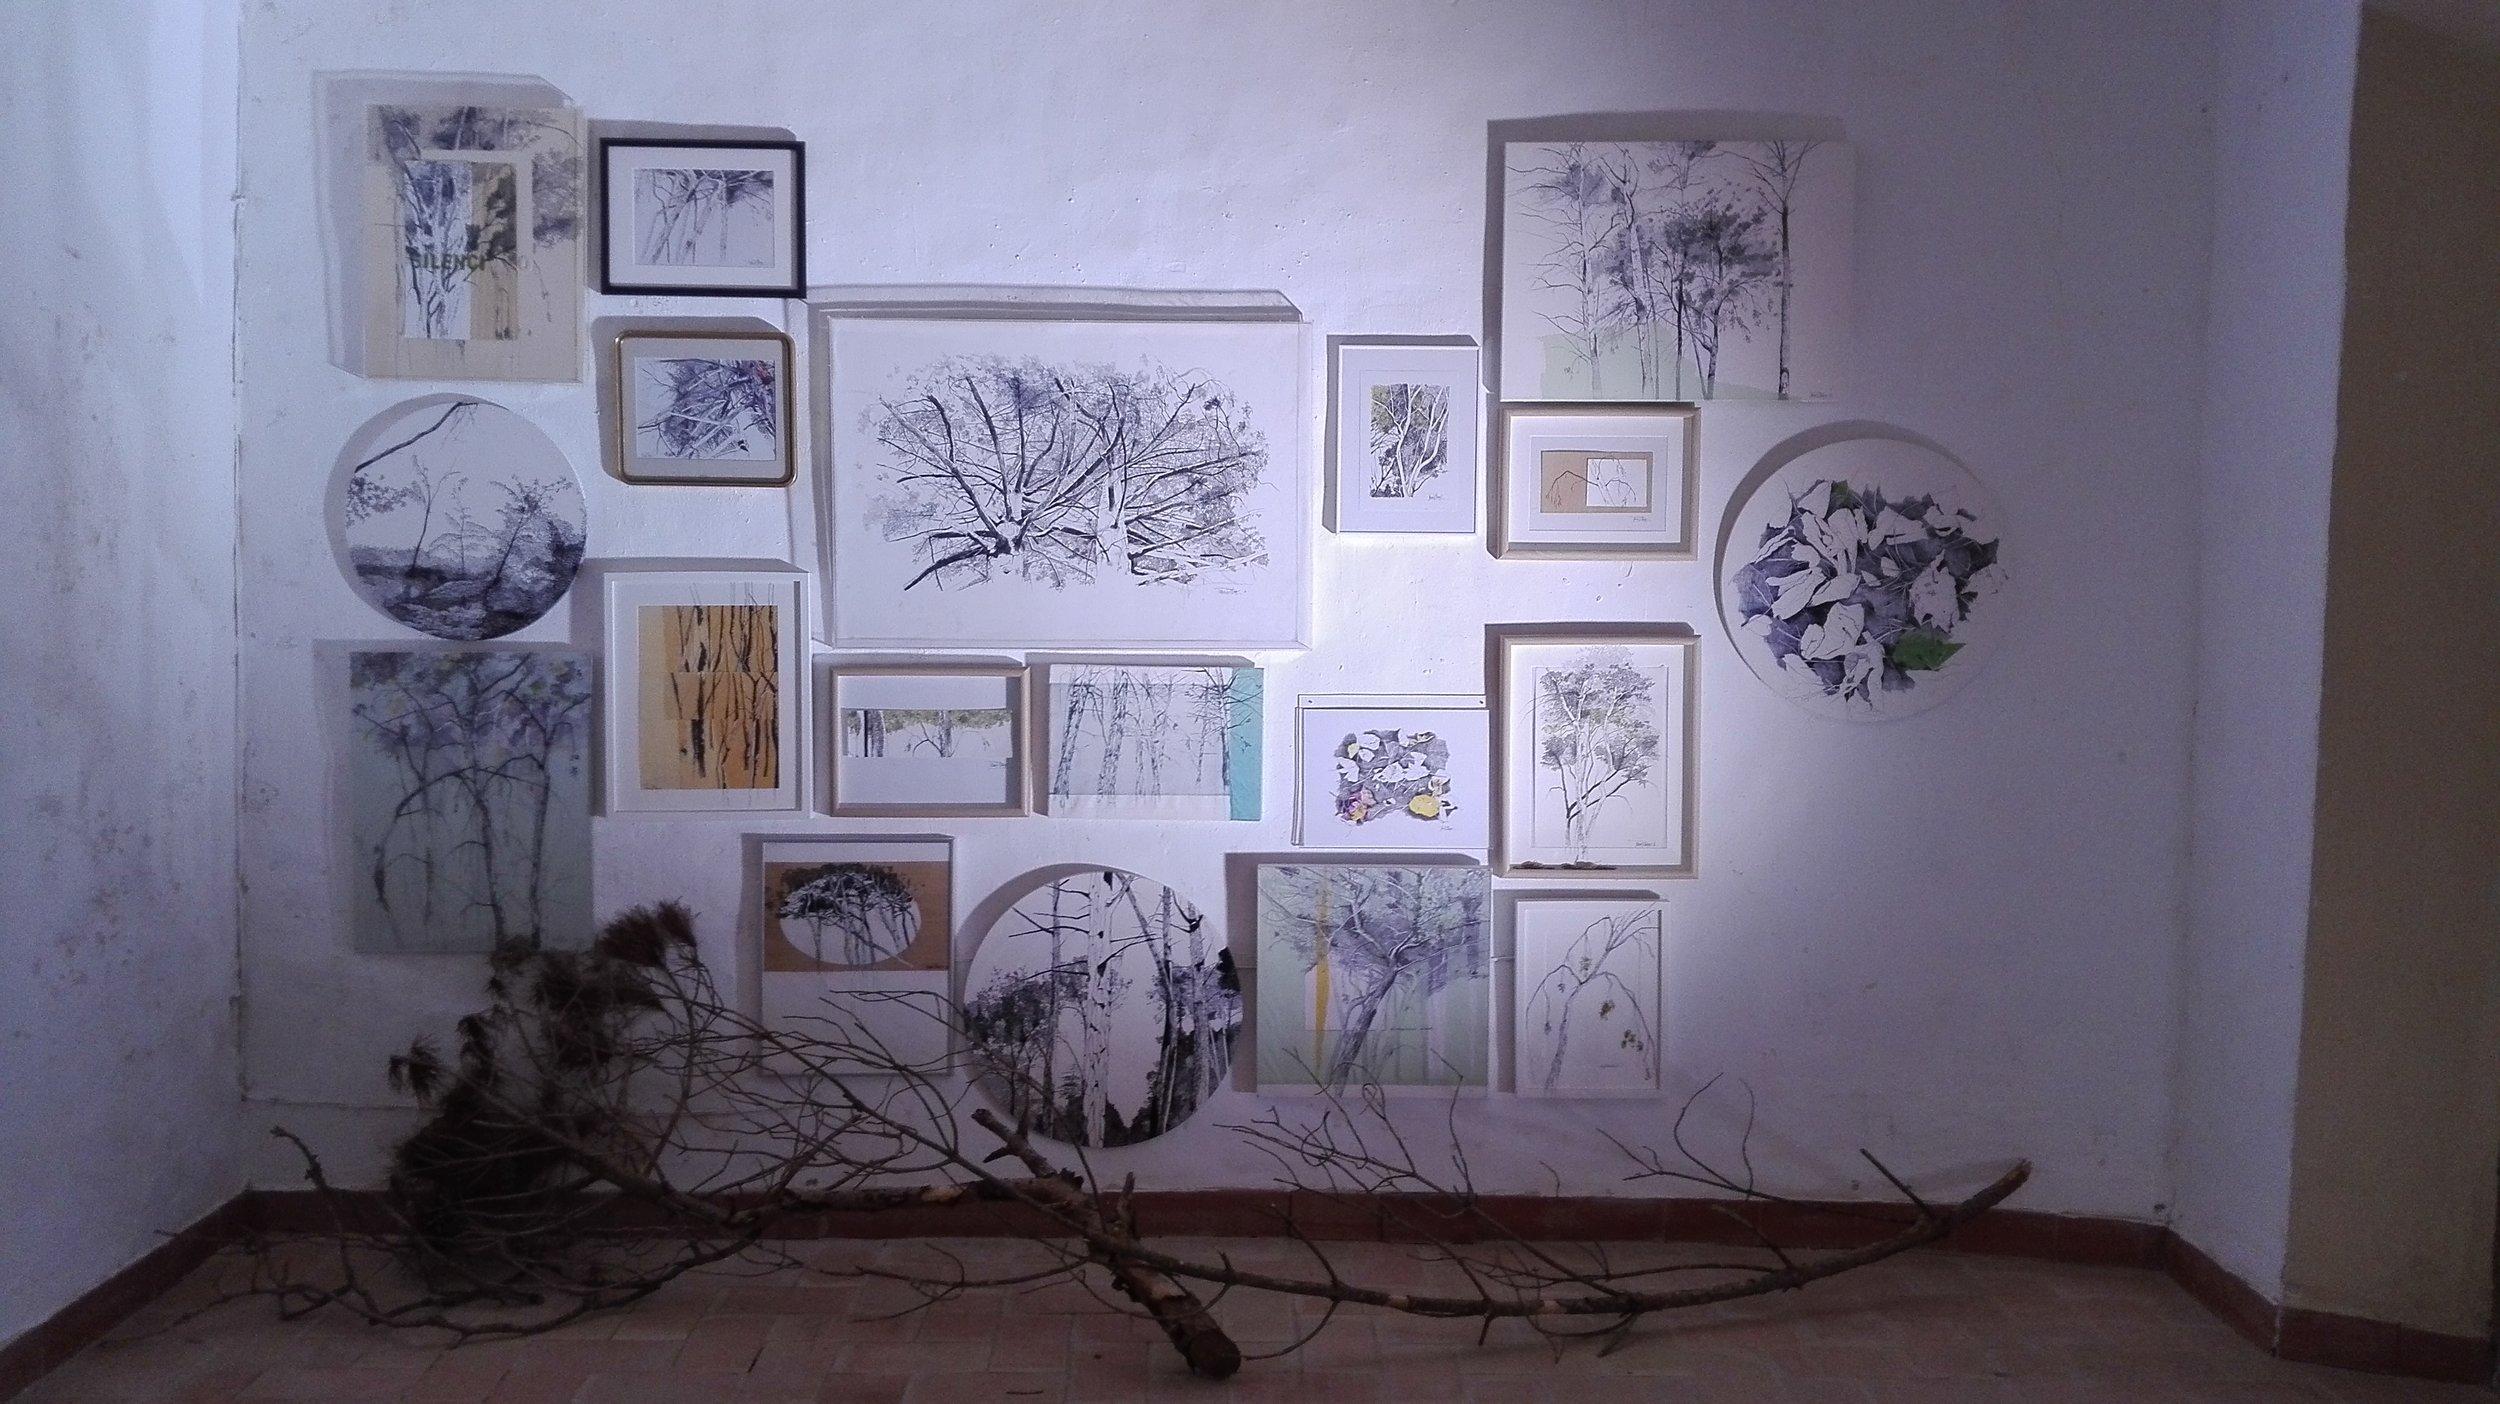 Consciències Naturals, mirant al cel!  Instalación de 18 piezas más ramas de pino blanco  Dibujo s / papel, madera, metacrilato ...  200x300cm